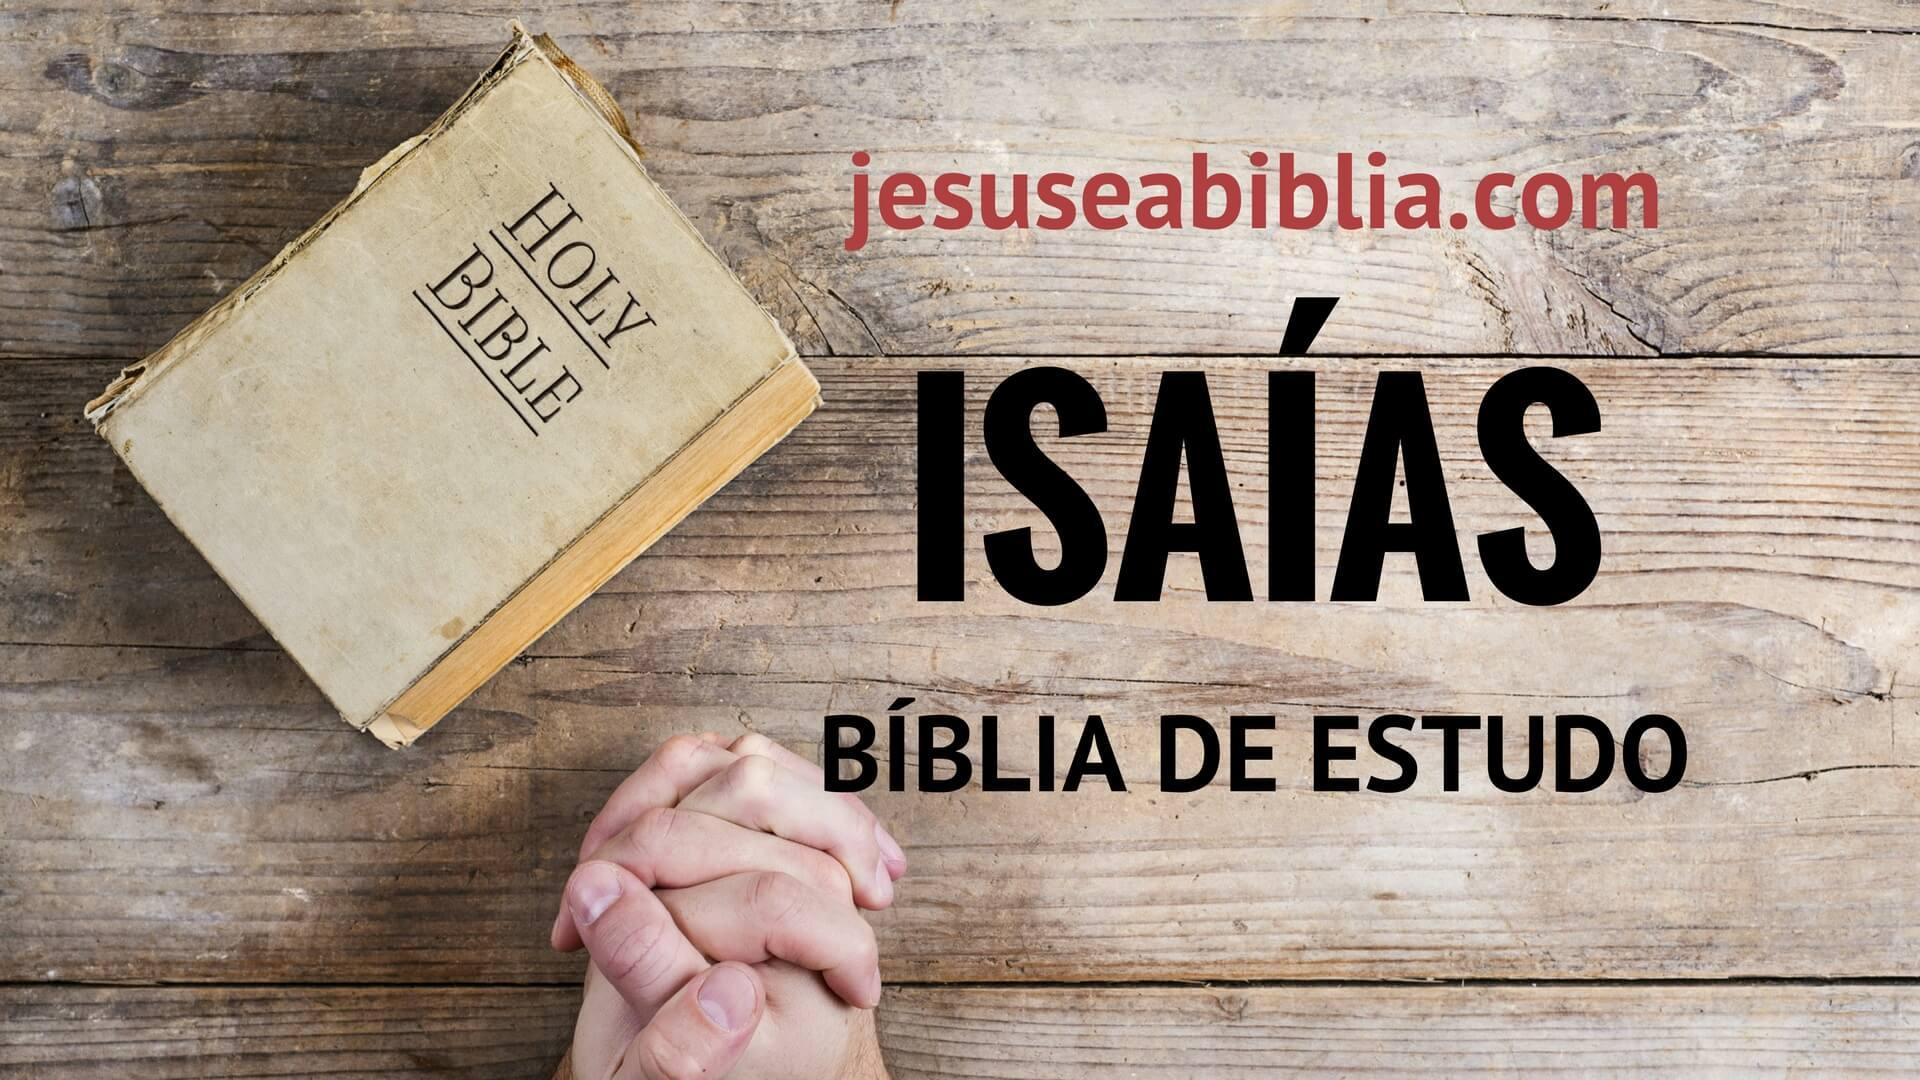 Isaías - Bíblia de Estudo Online